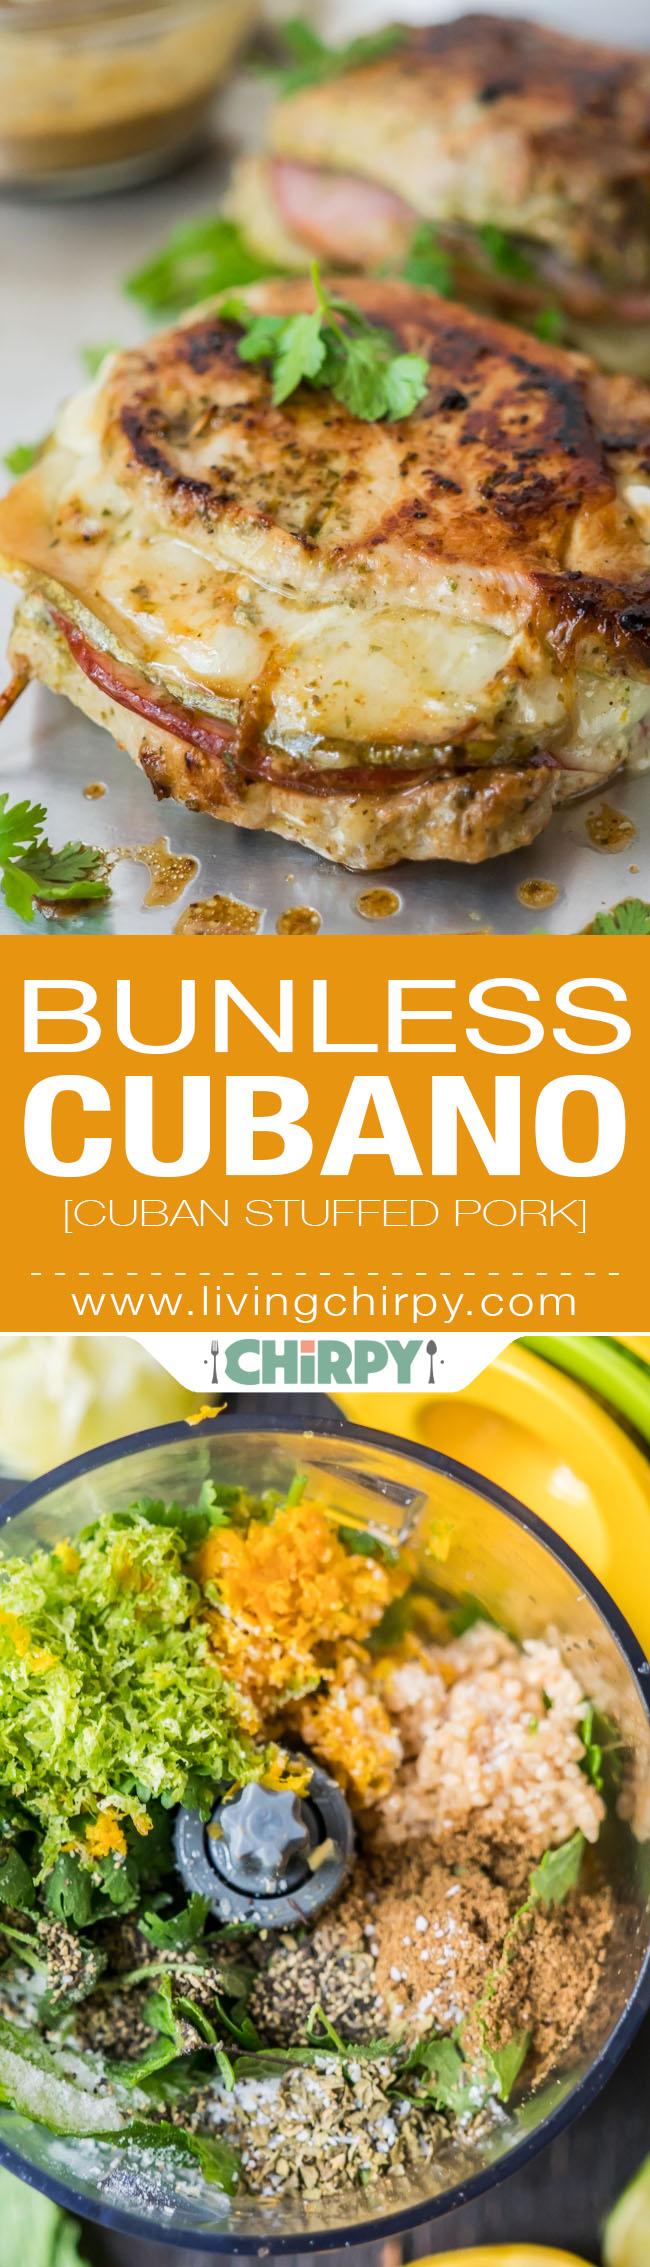 Bunless Cubano